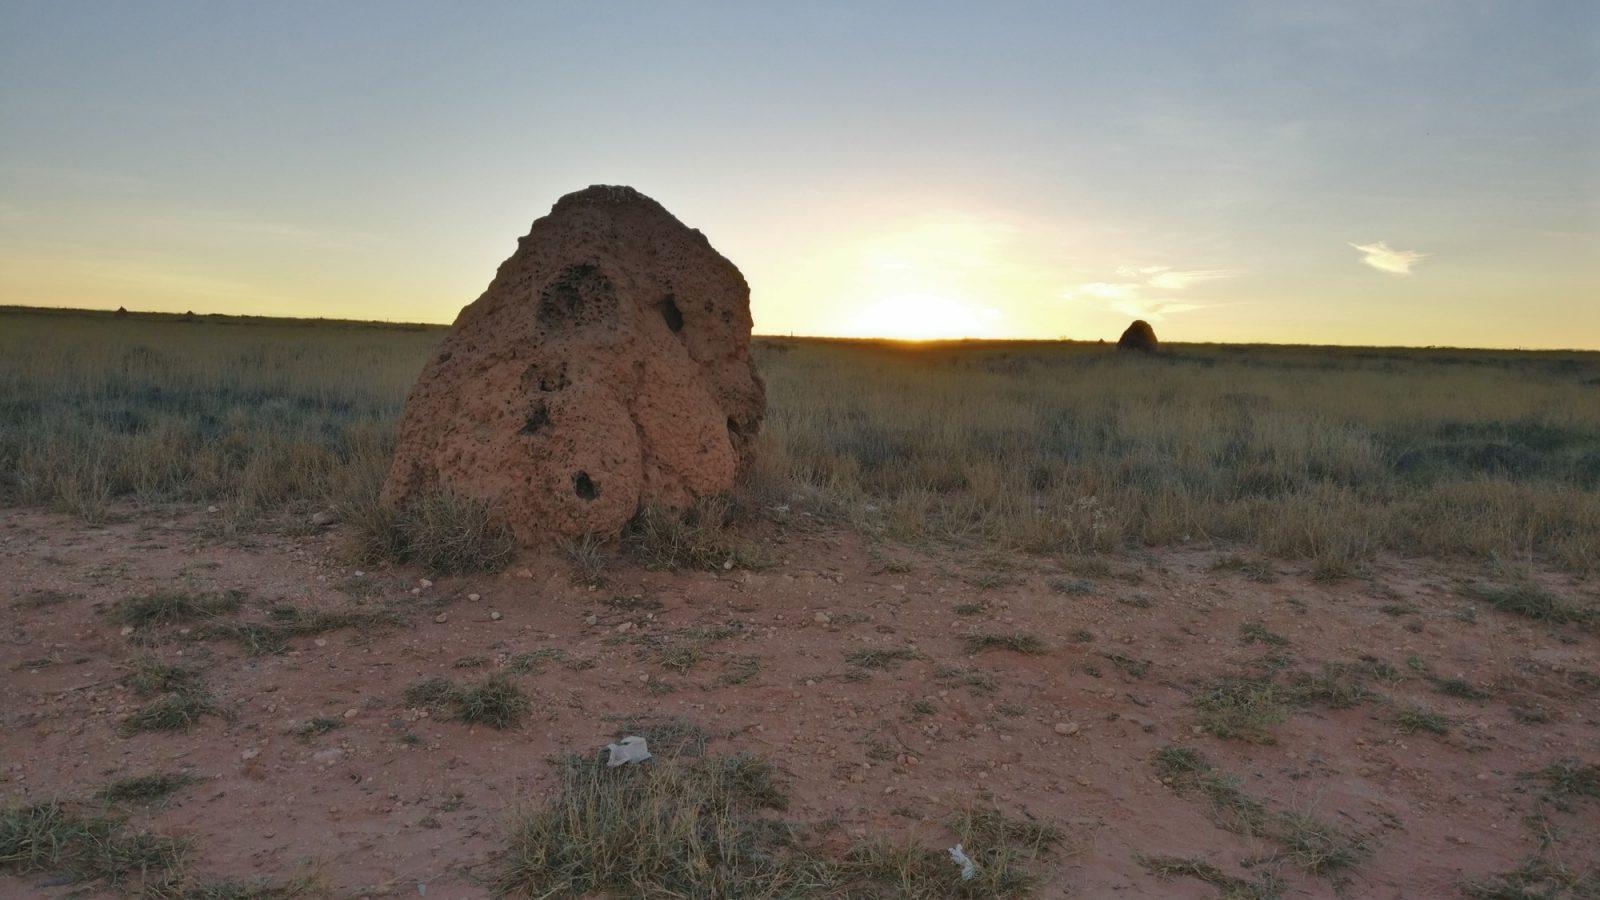 Termitière ouest australien